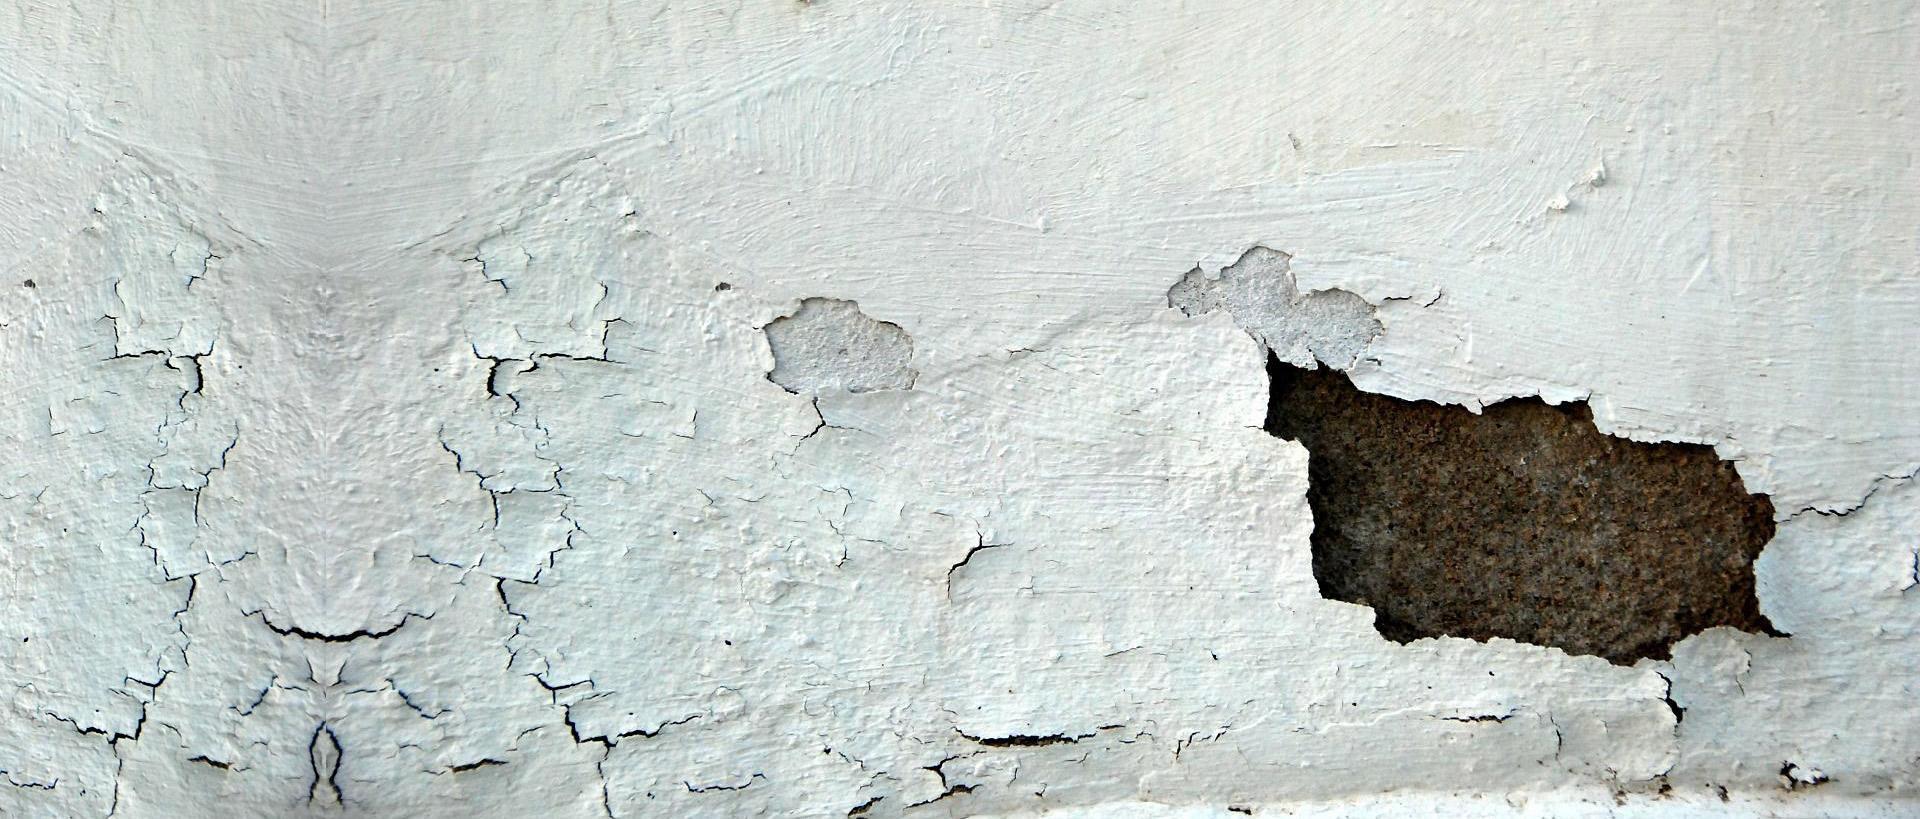 M todos para combatir la humedad - Aislante humedad paredes ...